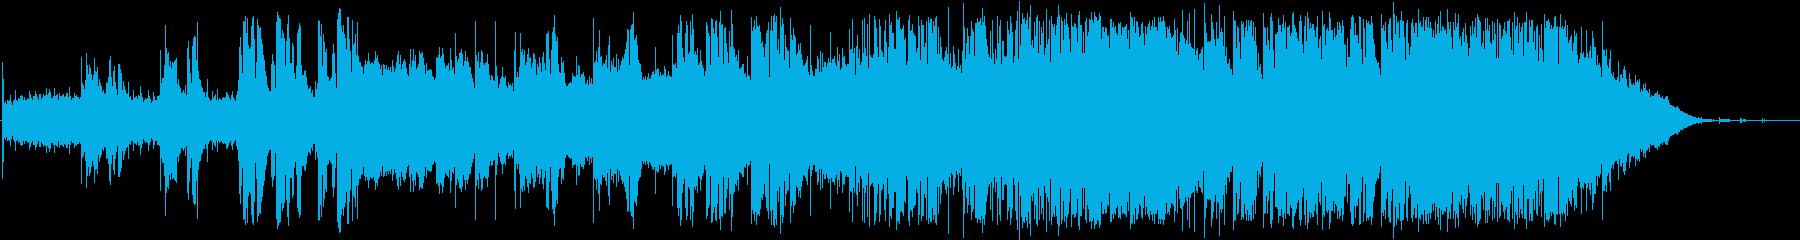 英語洋楽:ピンクフロイド・狂気 最終曲風の再生済みの波形